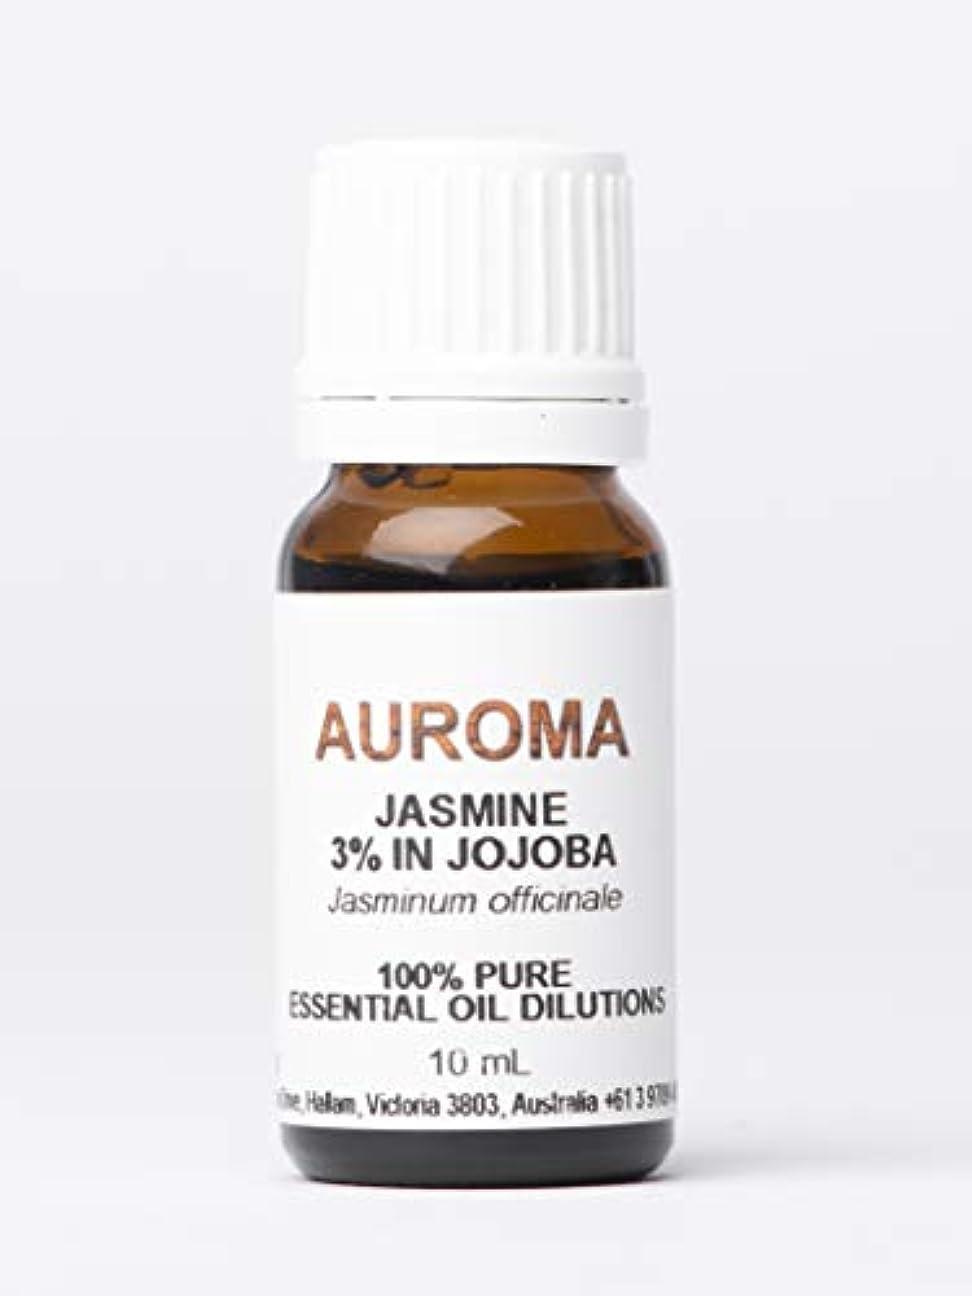 撤回するタイル浪費AUROMA ジャスミン3%in jojoba 10ml